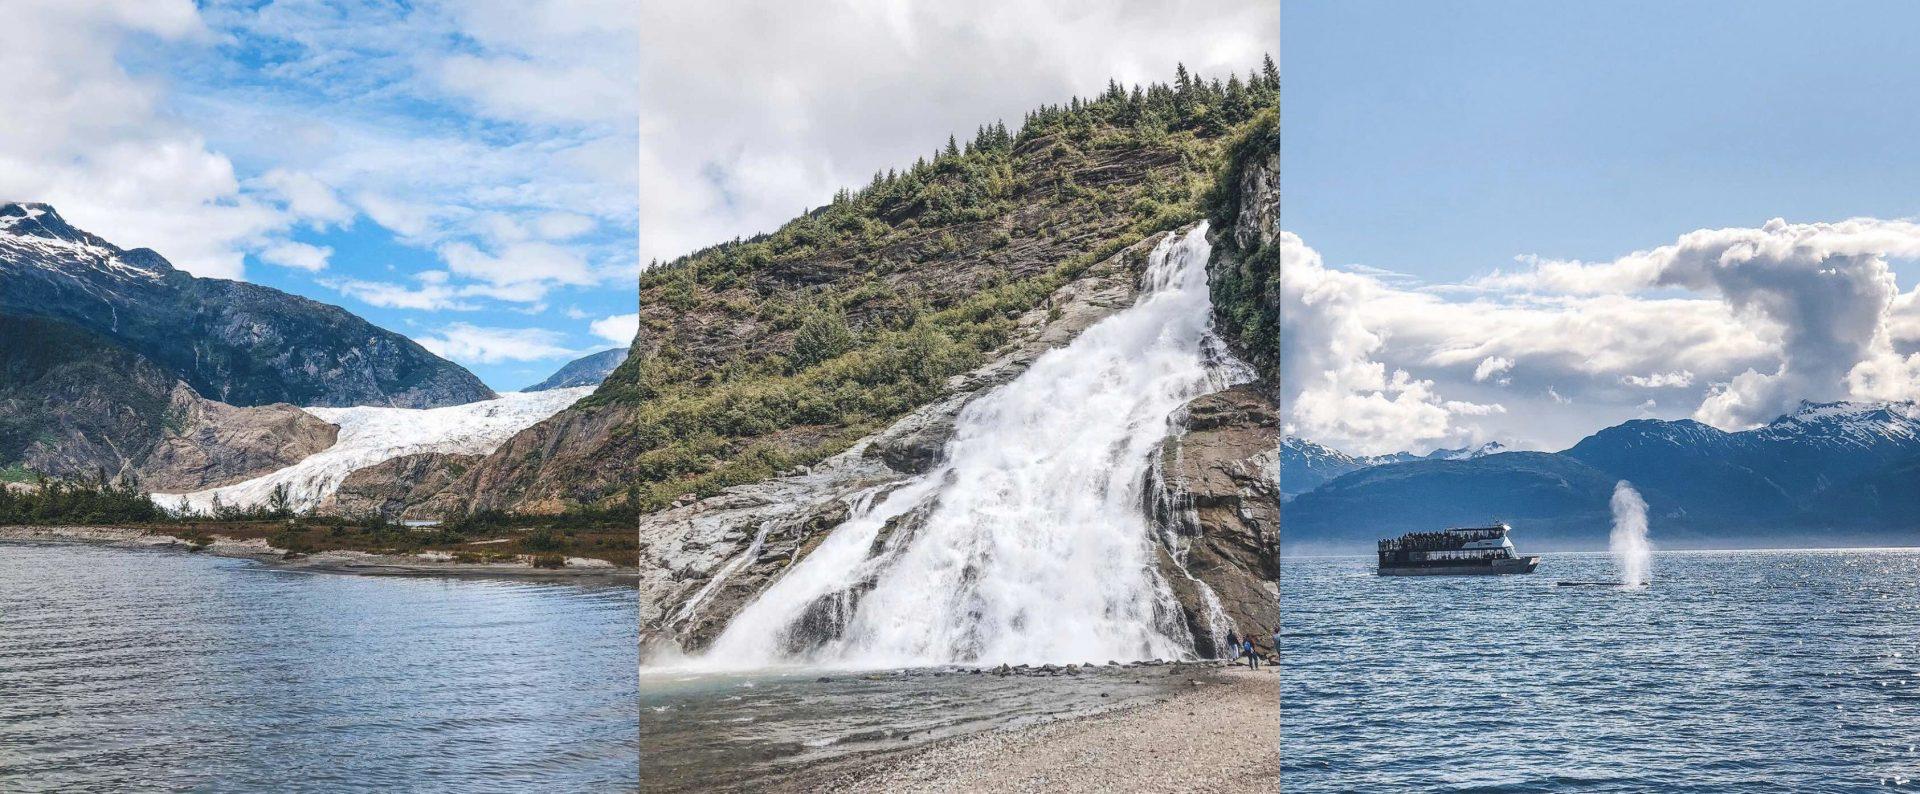 Полный тур на Аляску из Киева